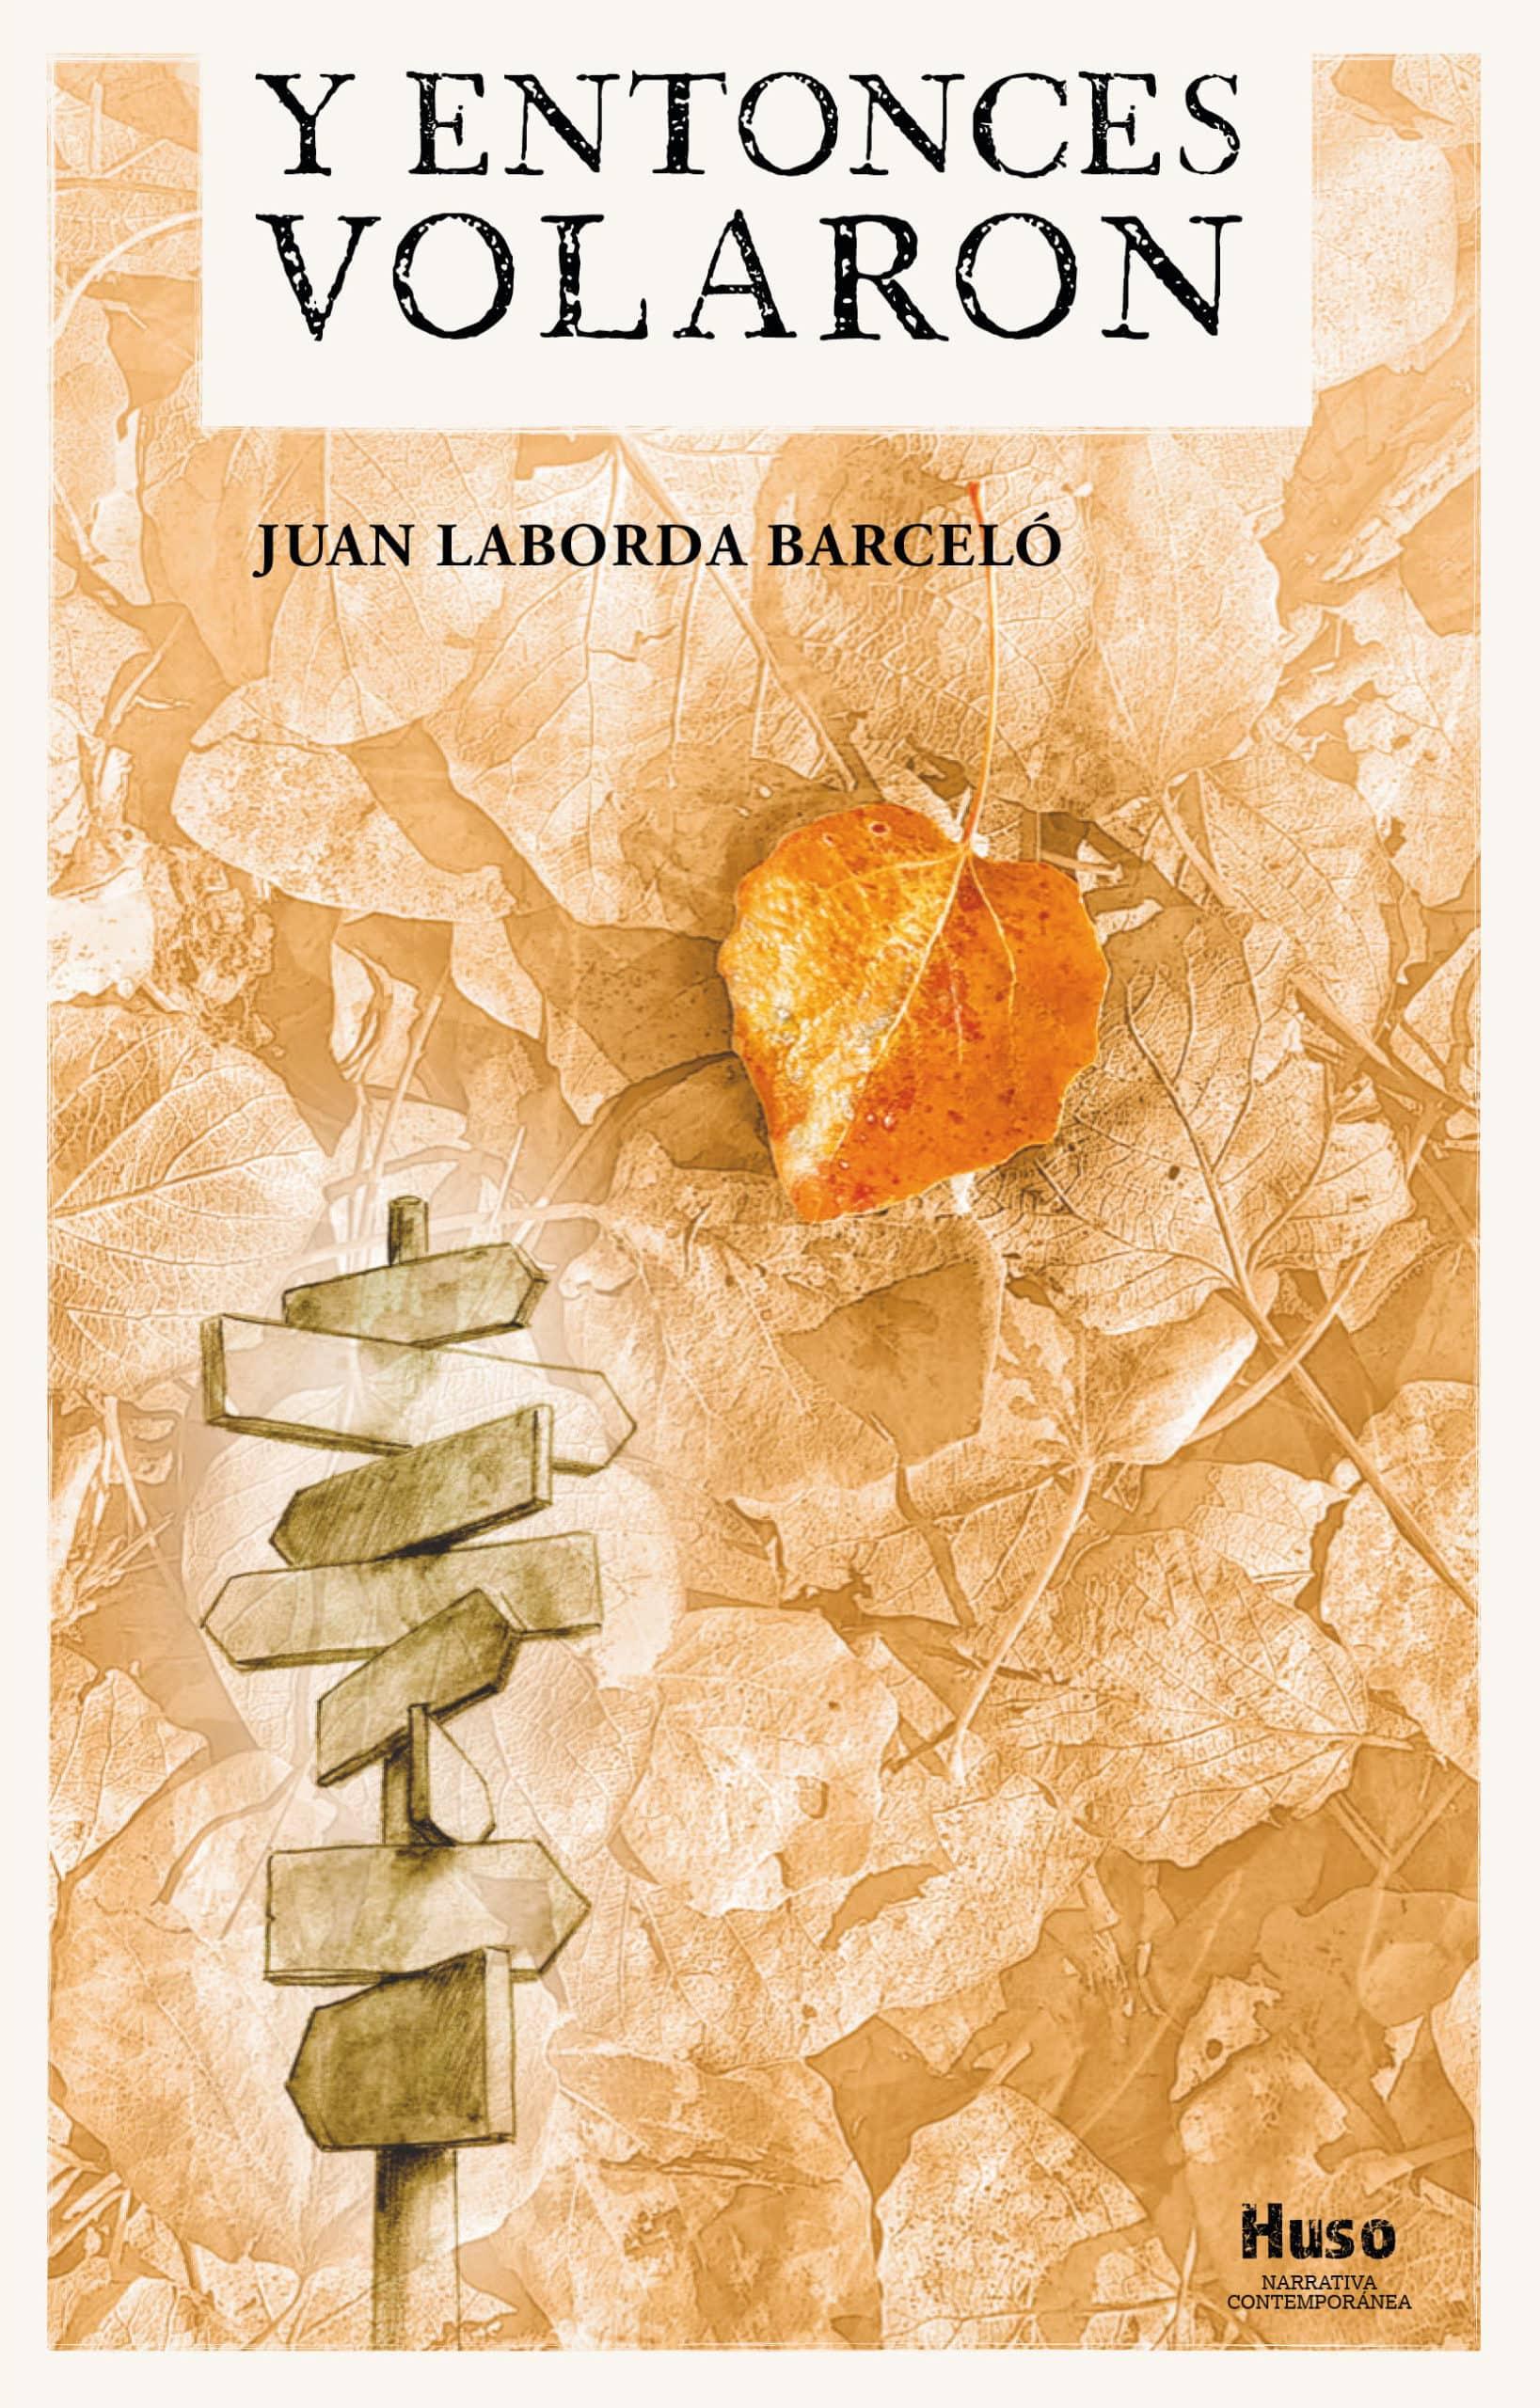 """Entrevista con Juan Laborda Barceló, autor de """"Y entonces volaron"""":""""En la ficción hay mucha verdad"""""""